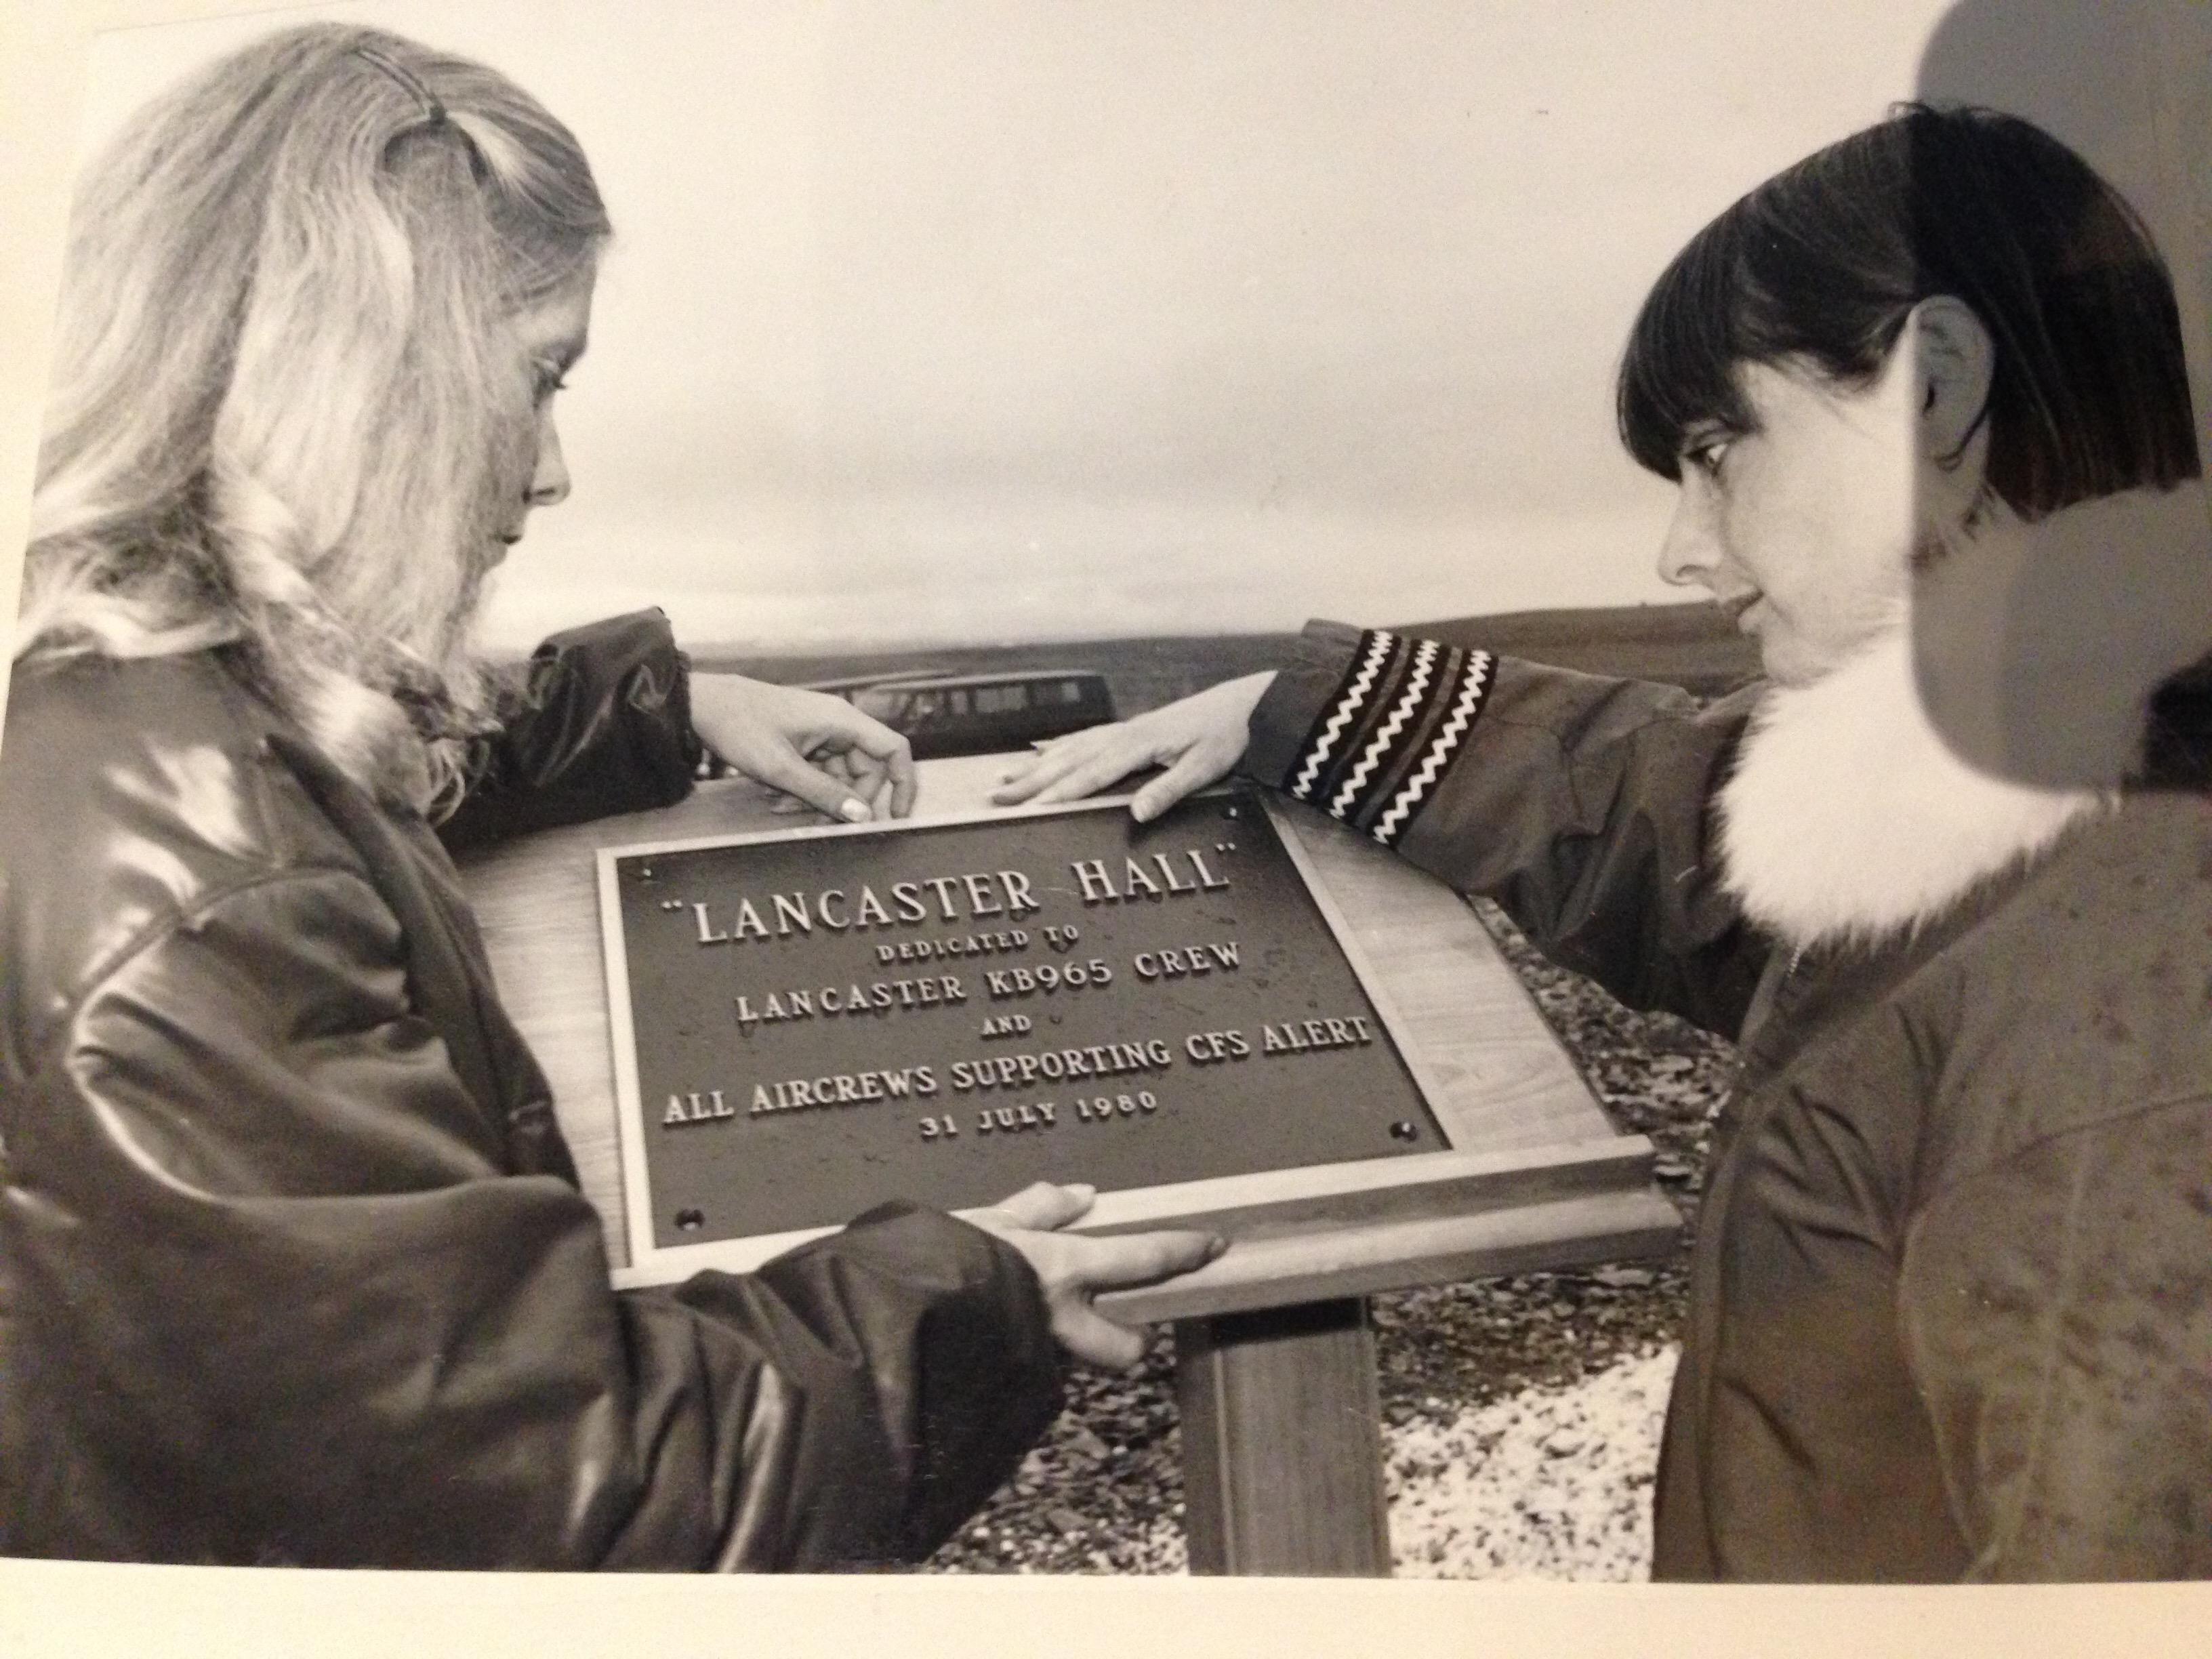 Memorial– Memorial erected at crash site on 31 July 1980.